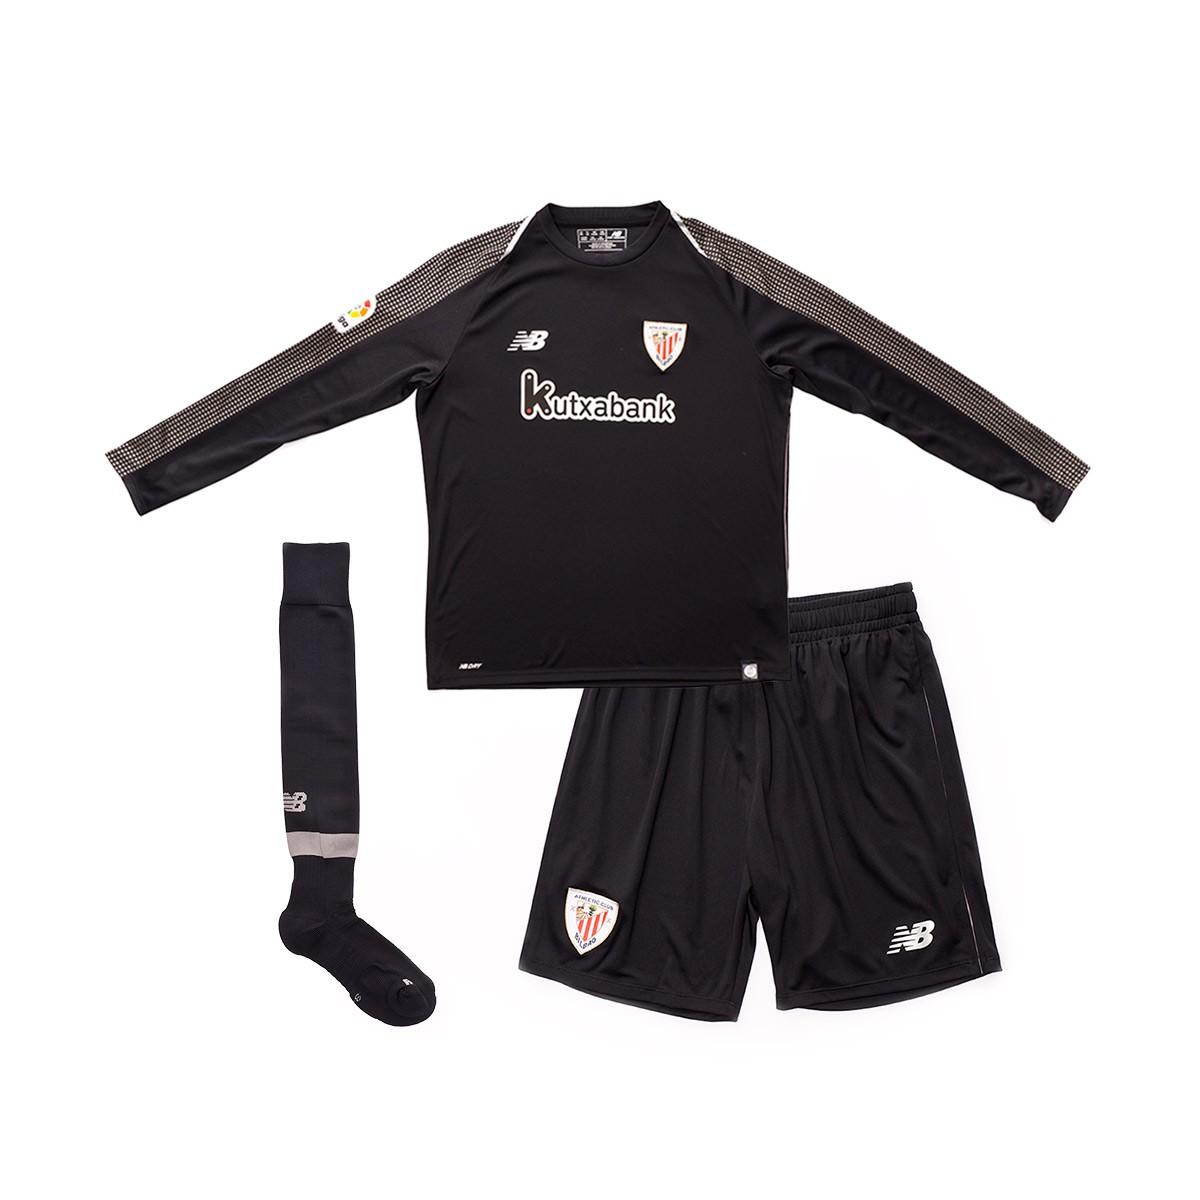 c9e008b504170 Conjunto New Balance AC Bilbao Primera Equipación Portero 2018-2019 Niño  Black - Tienda de fútbol Fútbol Emotion